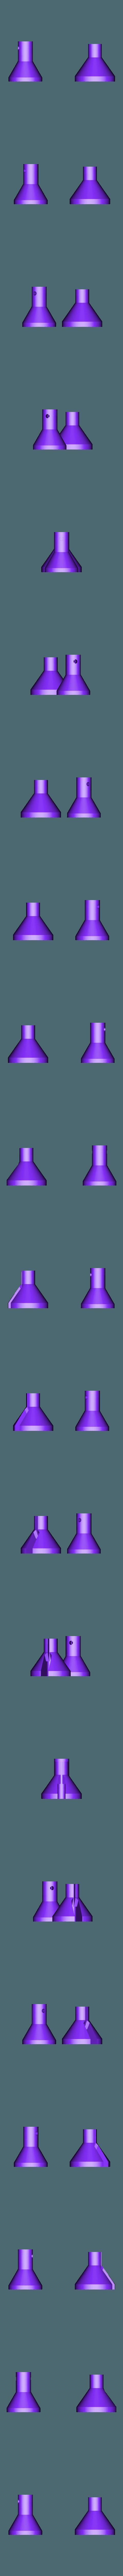 embout v2.stl Download STL file LED ceiling light • Model to 3D print, tomcasa